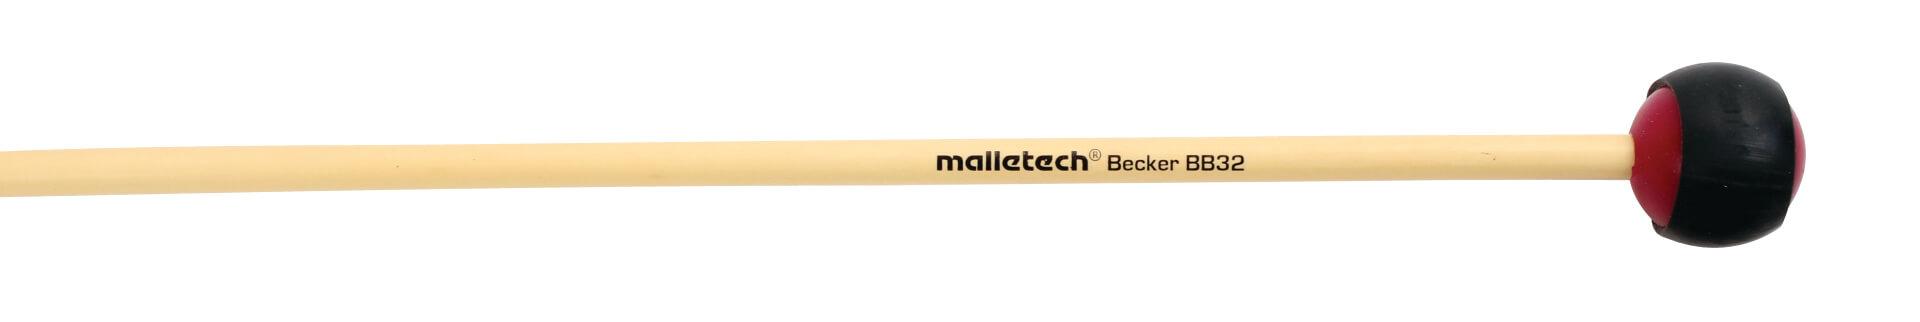 Malletech BB32 Bob Becker Series